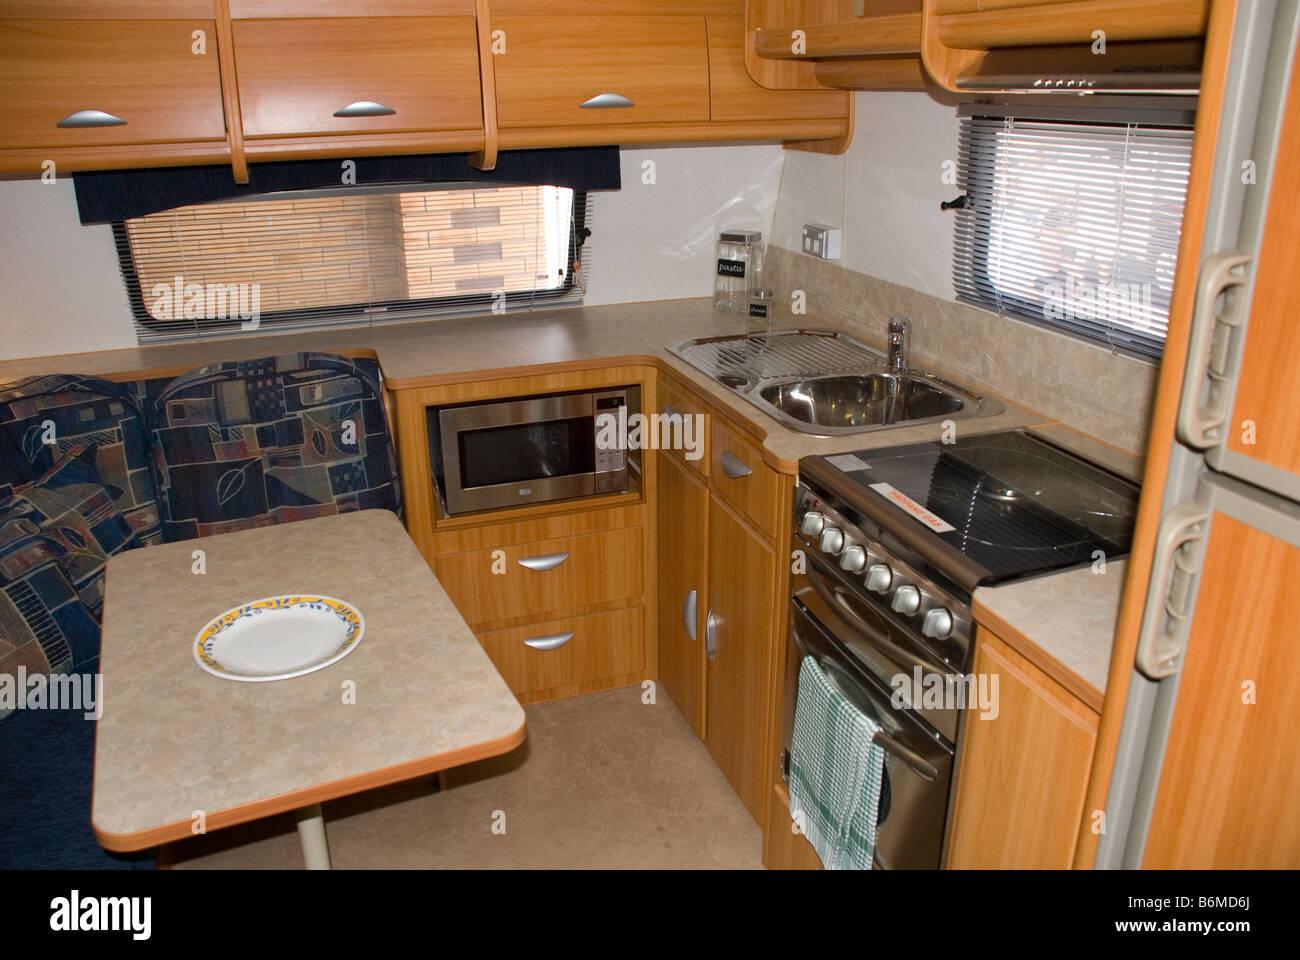 Interior The Family Caravan Stockfotos & Interior The Family Caravan ...